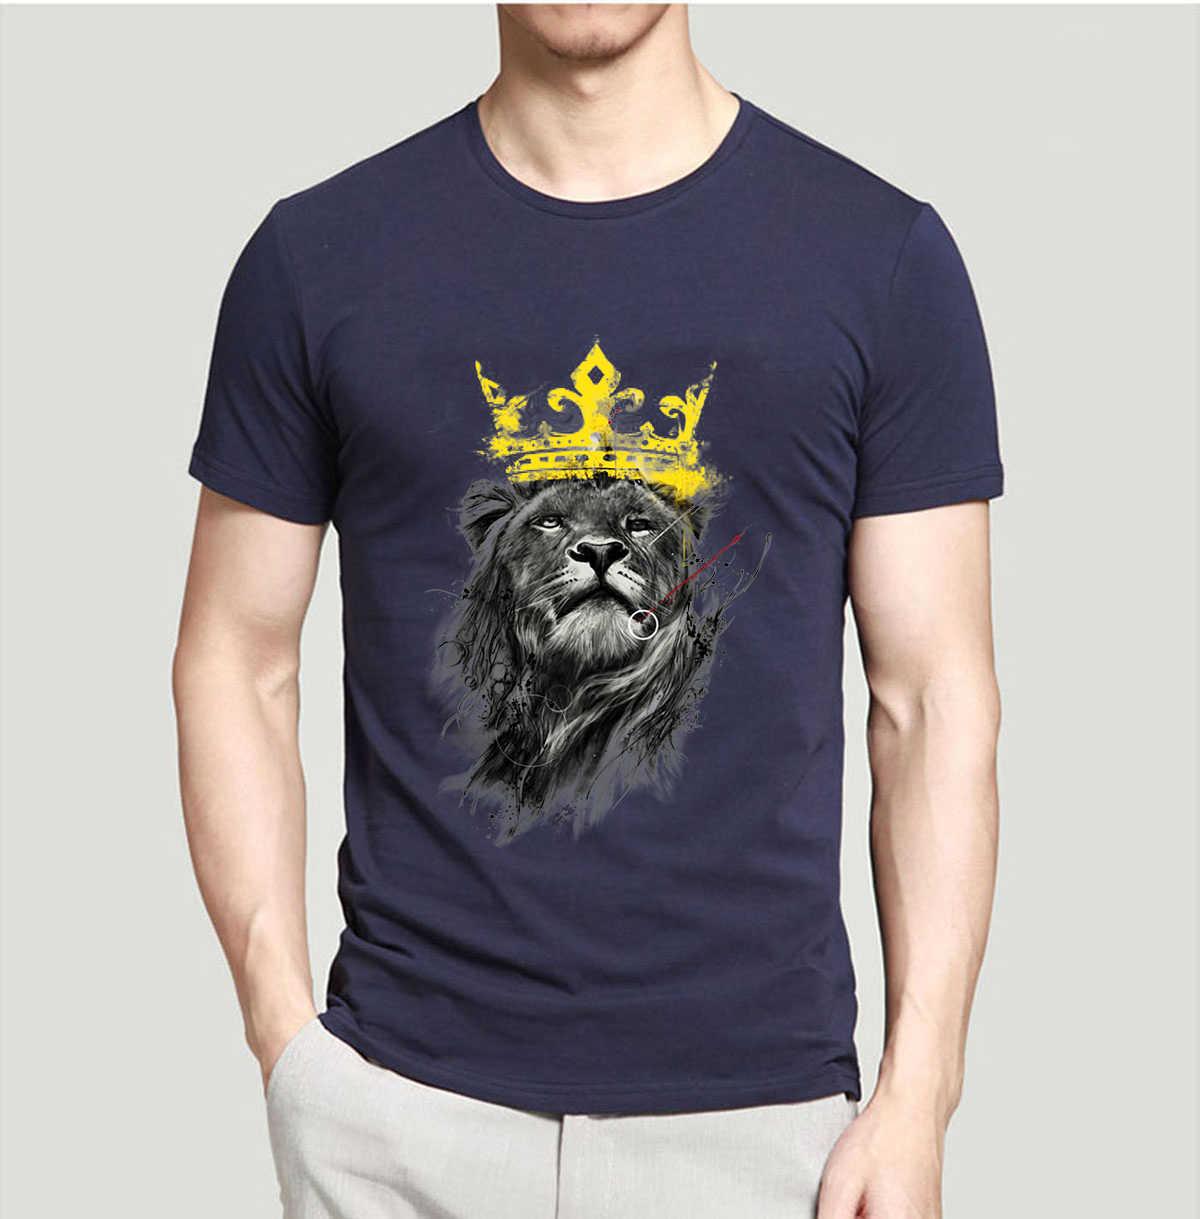 2019 новые летние футболки с животными женская футболка со львом футболка для мужчин 100% хлопок Высокое качество 3D Печатные Топы брендовые фитнес футболки